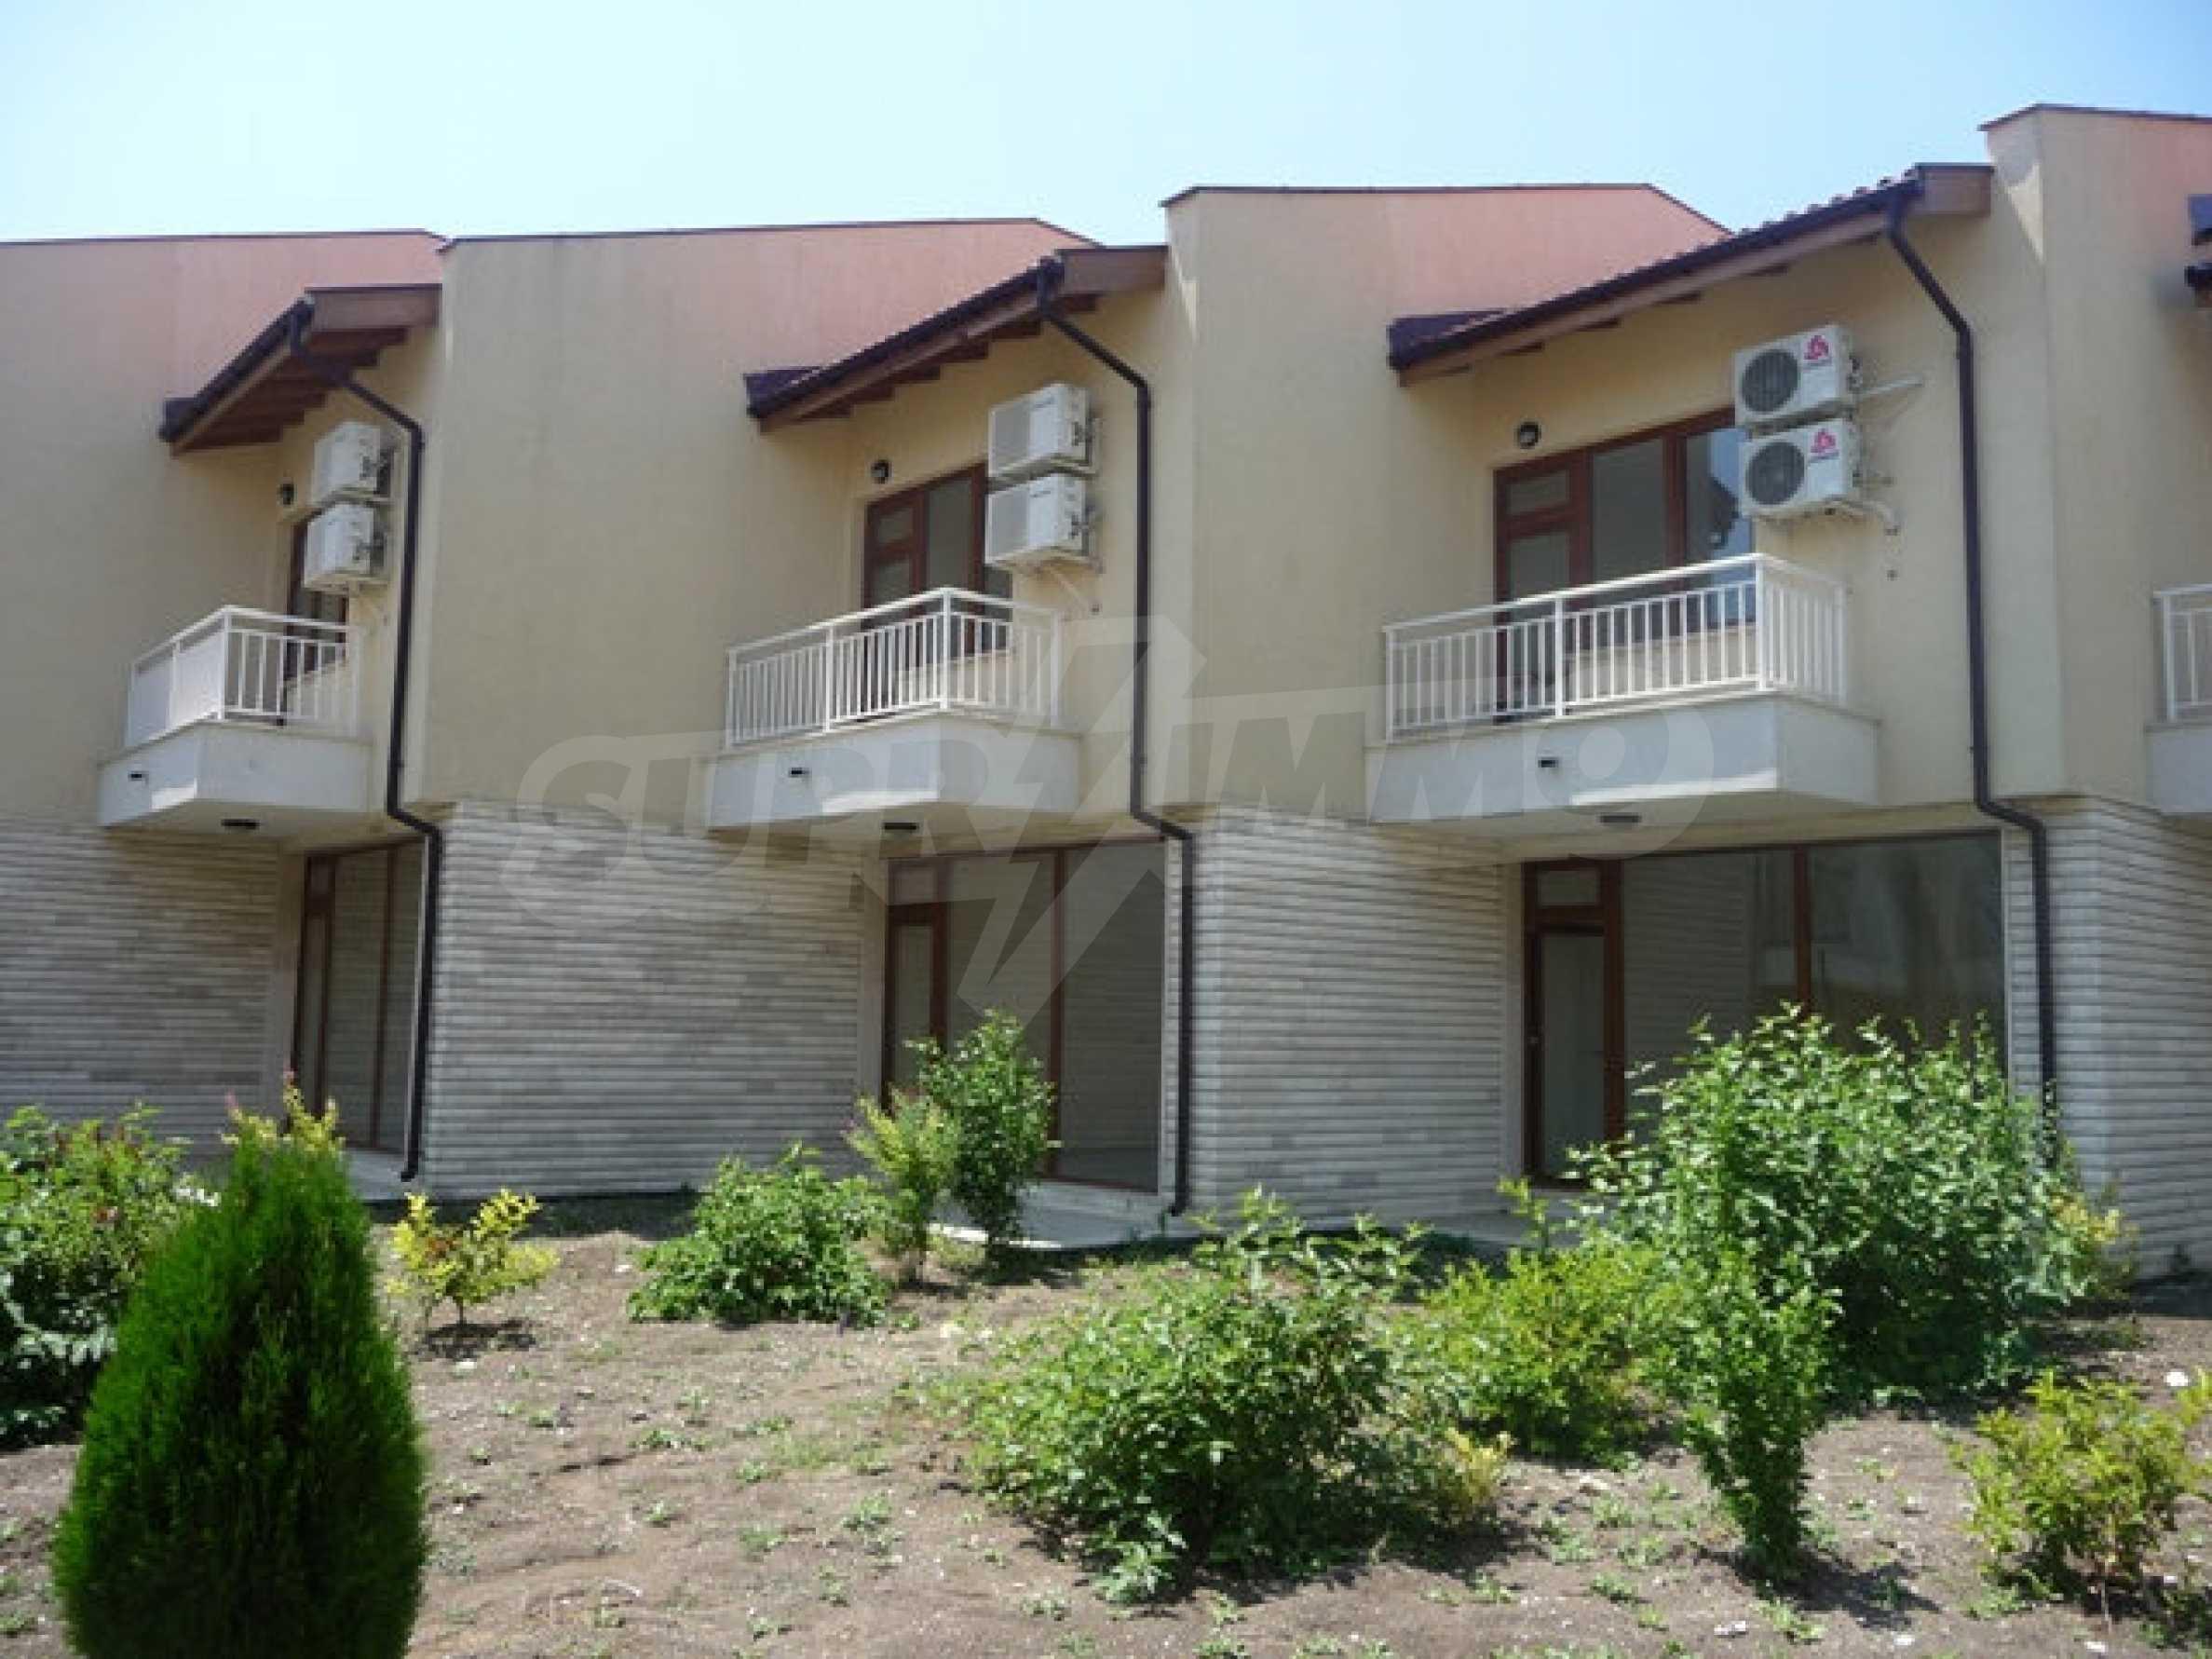 Двуетажна къща в Лайтхоус Голф Резорт 6